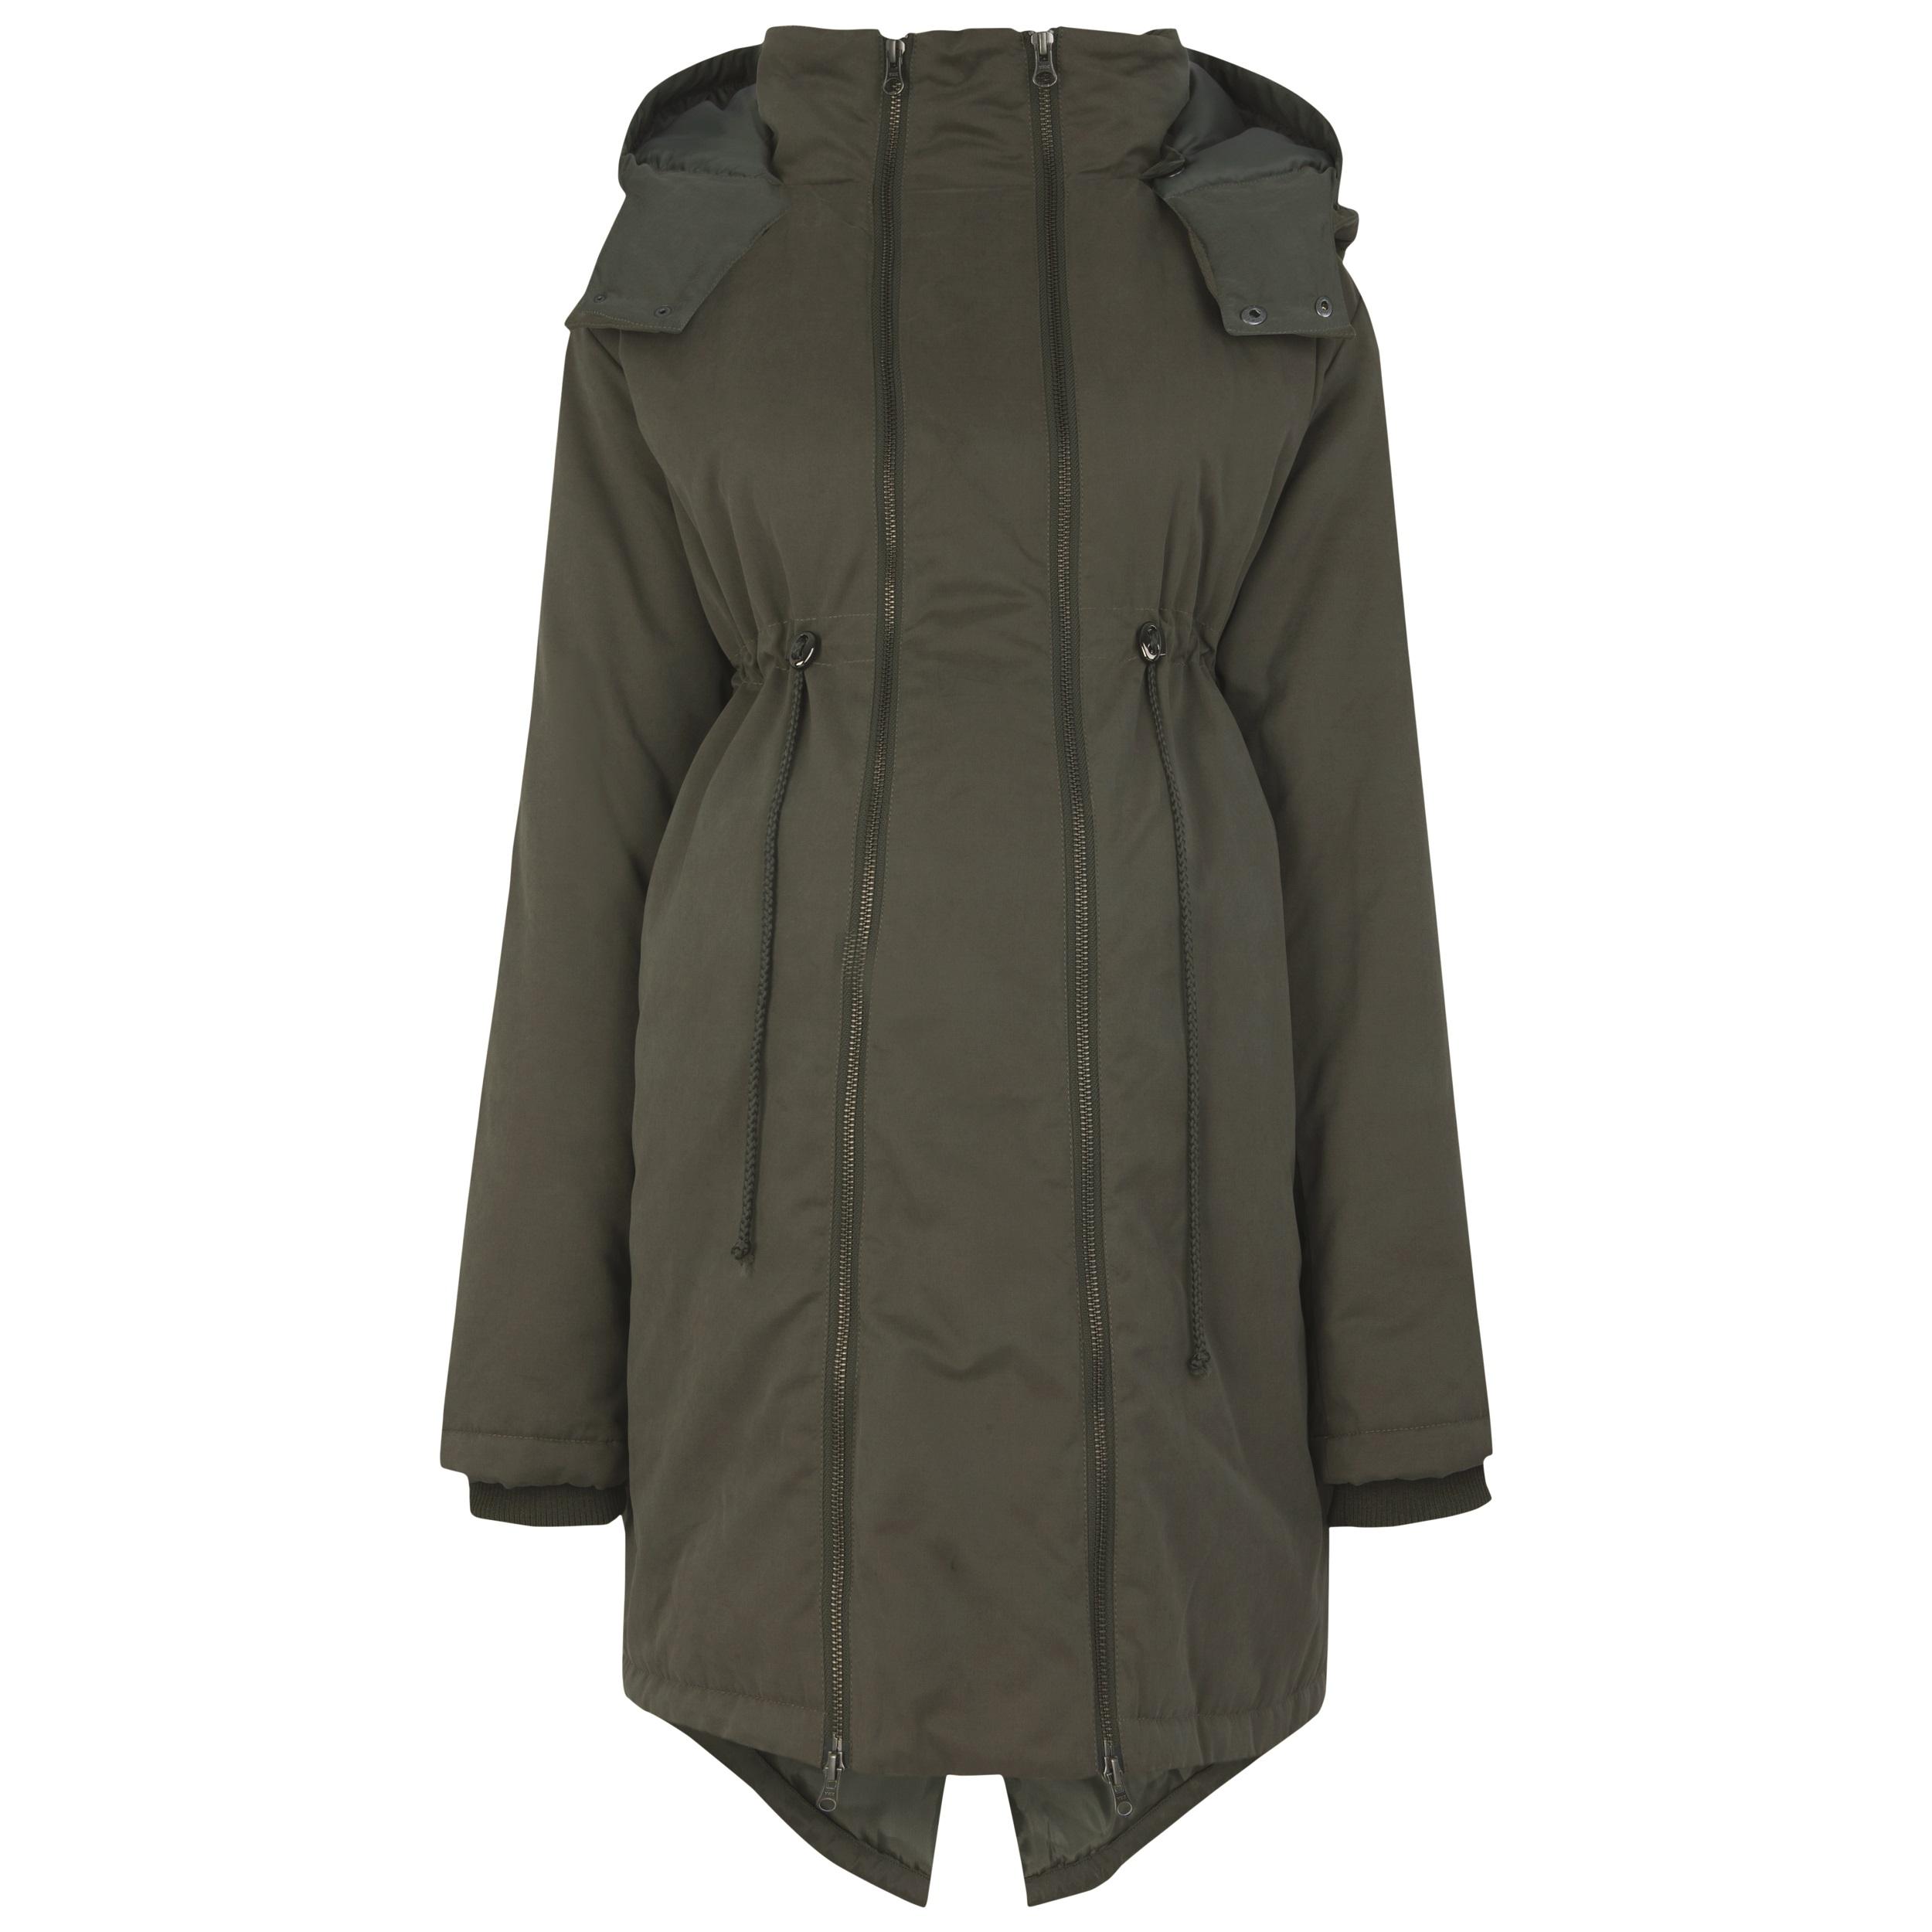 JoJo Maman Bébé- 2-in-1 parka coat